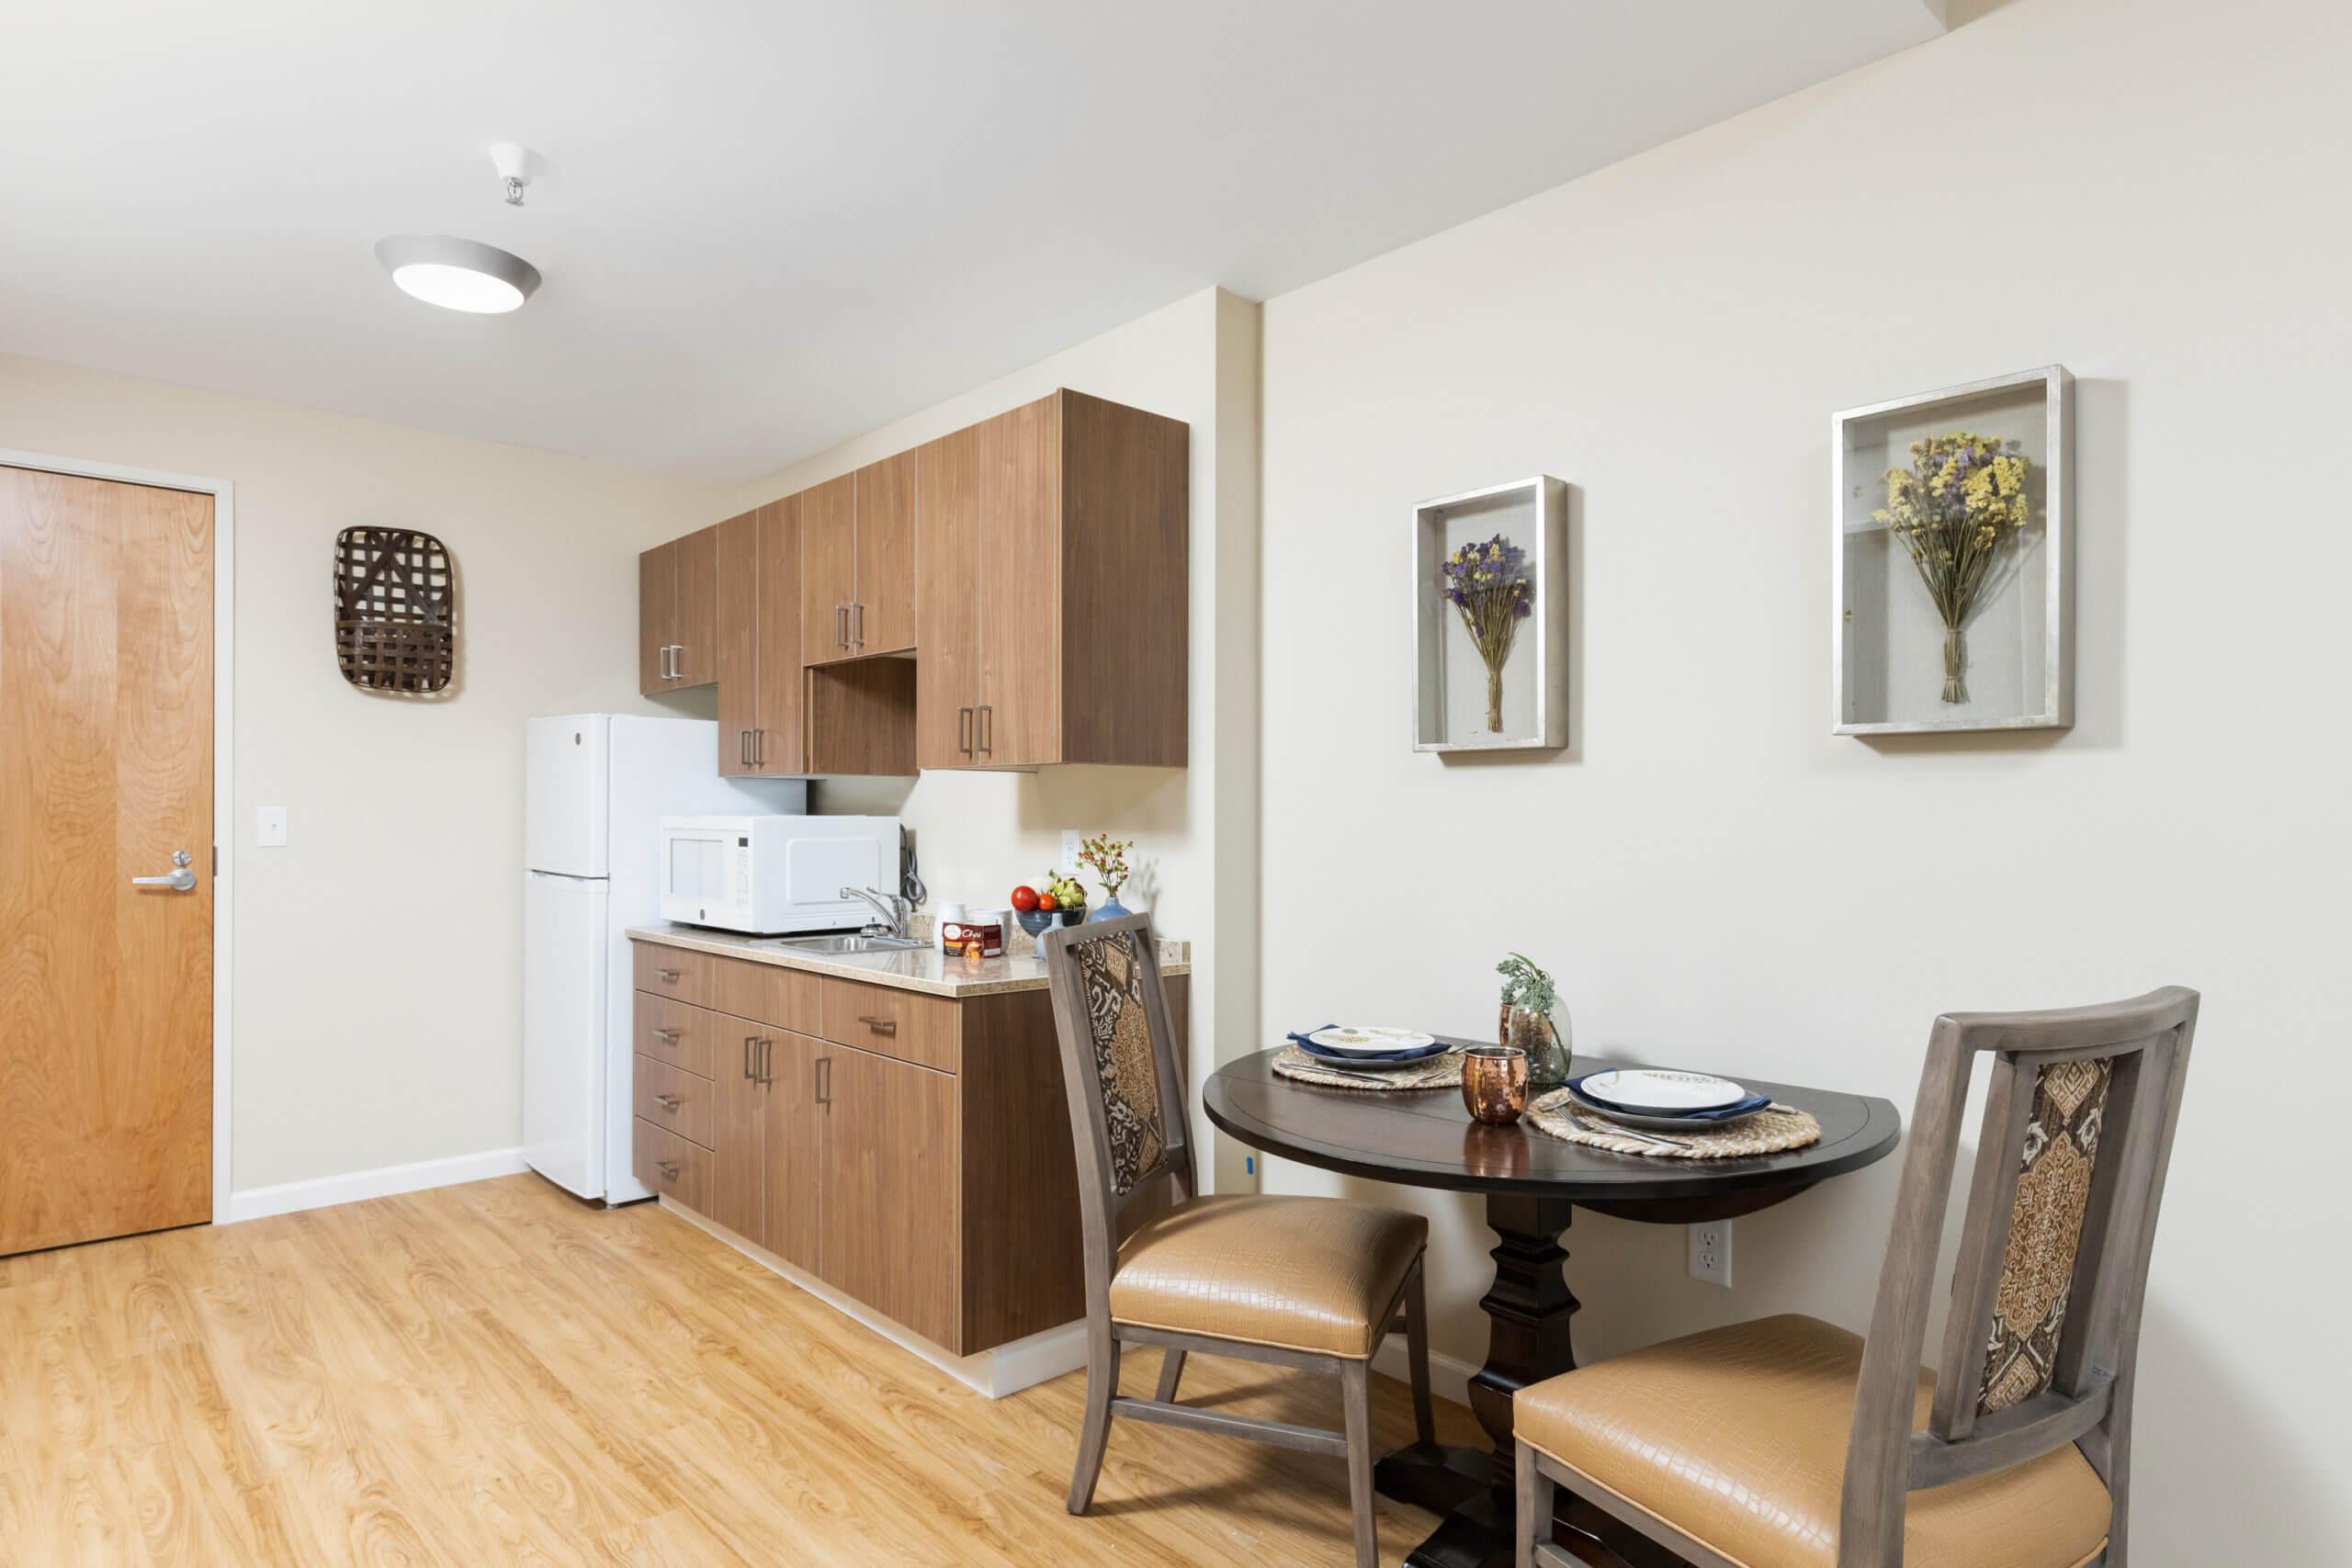 Baxter Senior Living Assisted Living - 1 Bedroom Kitchen